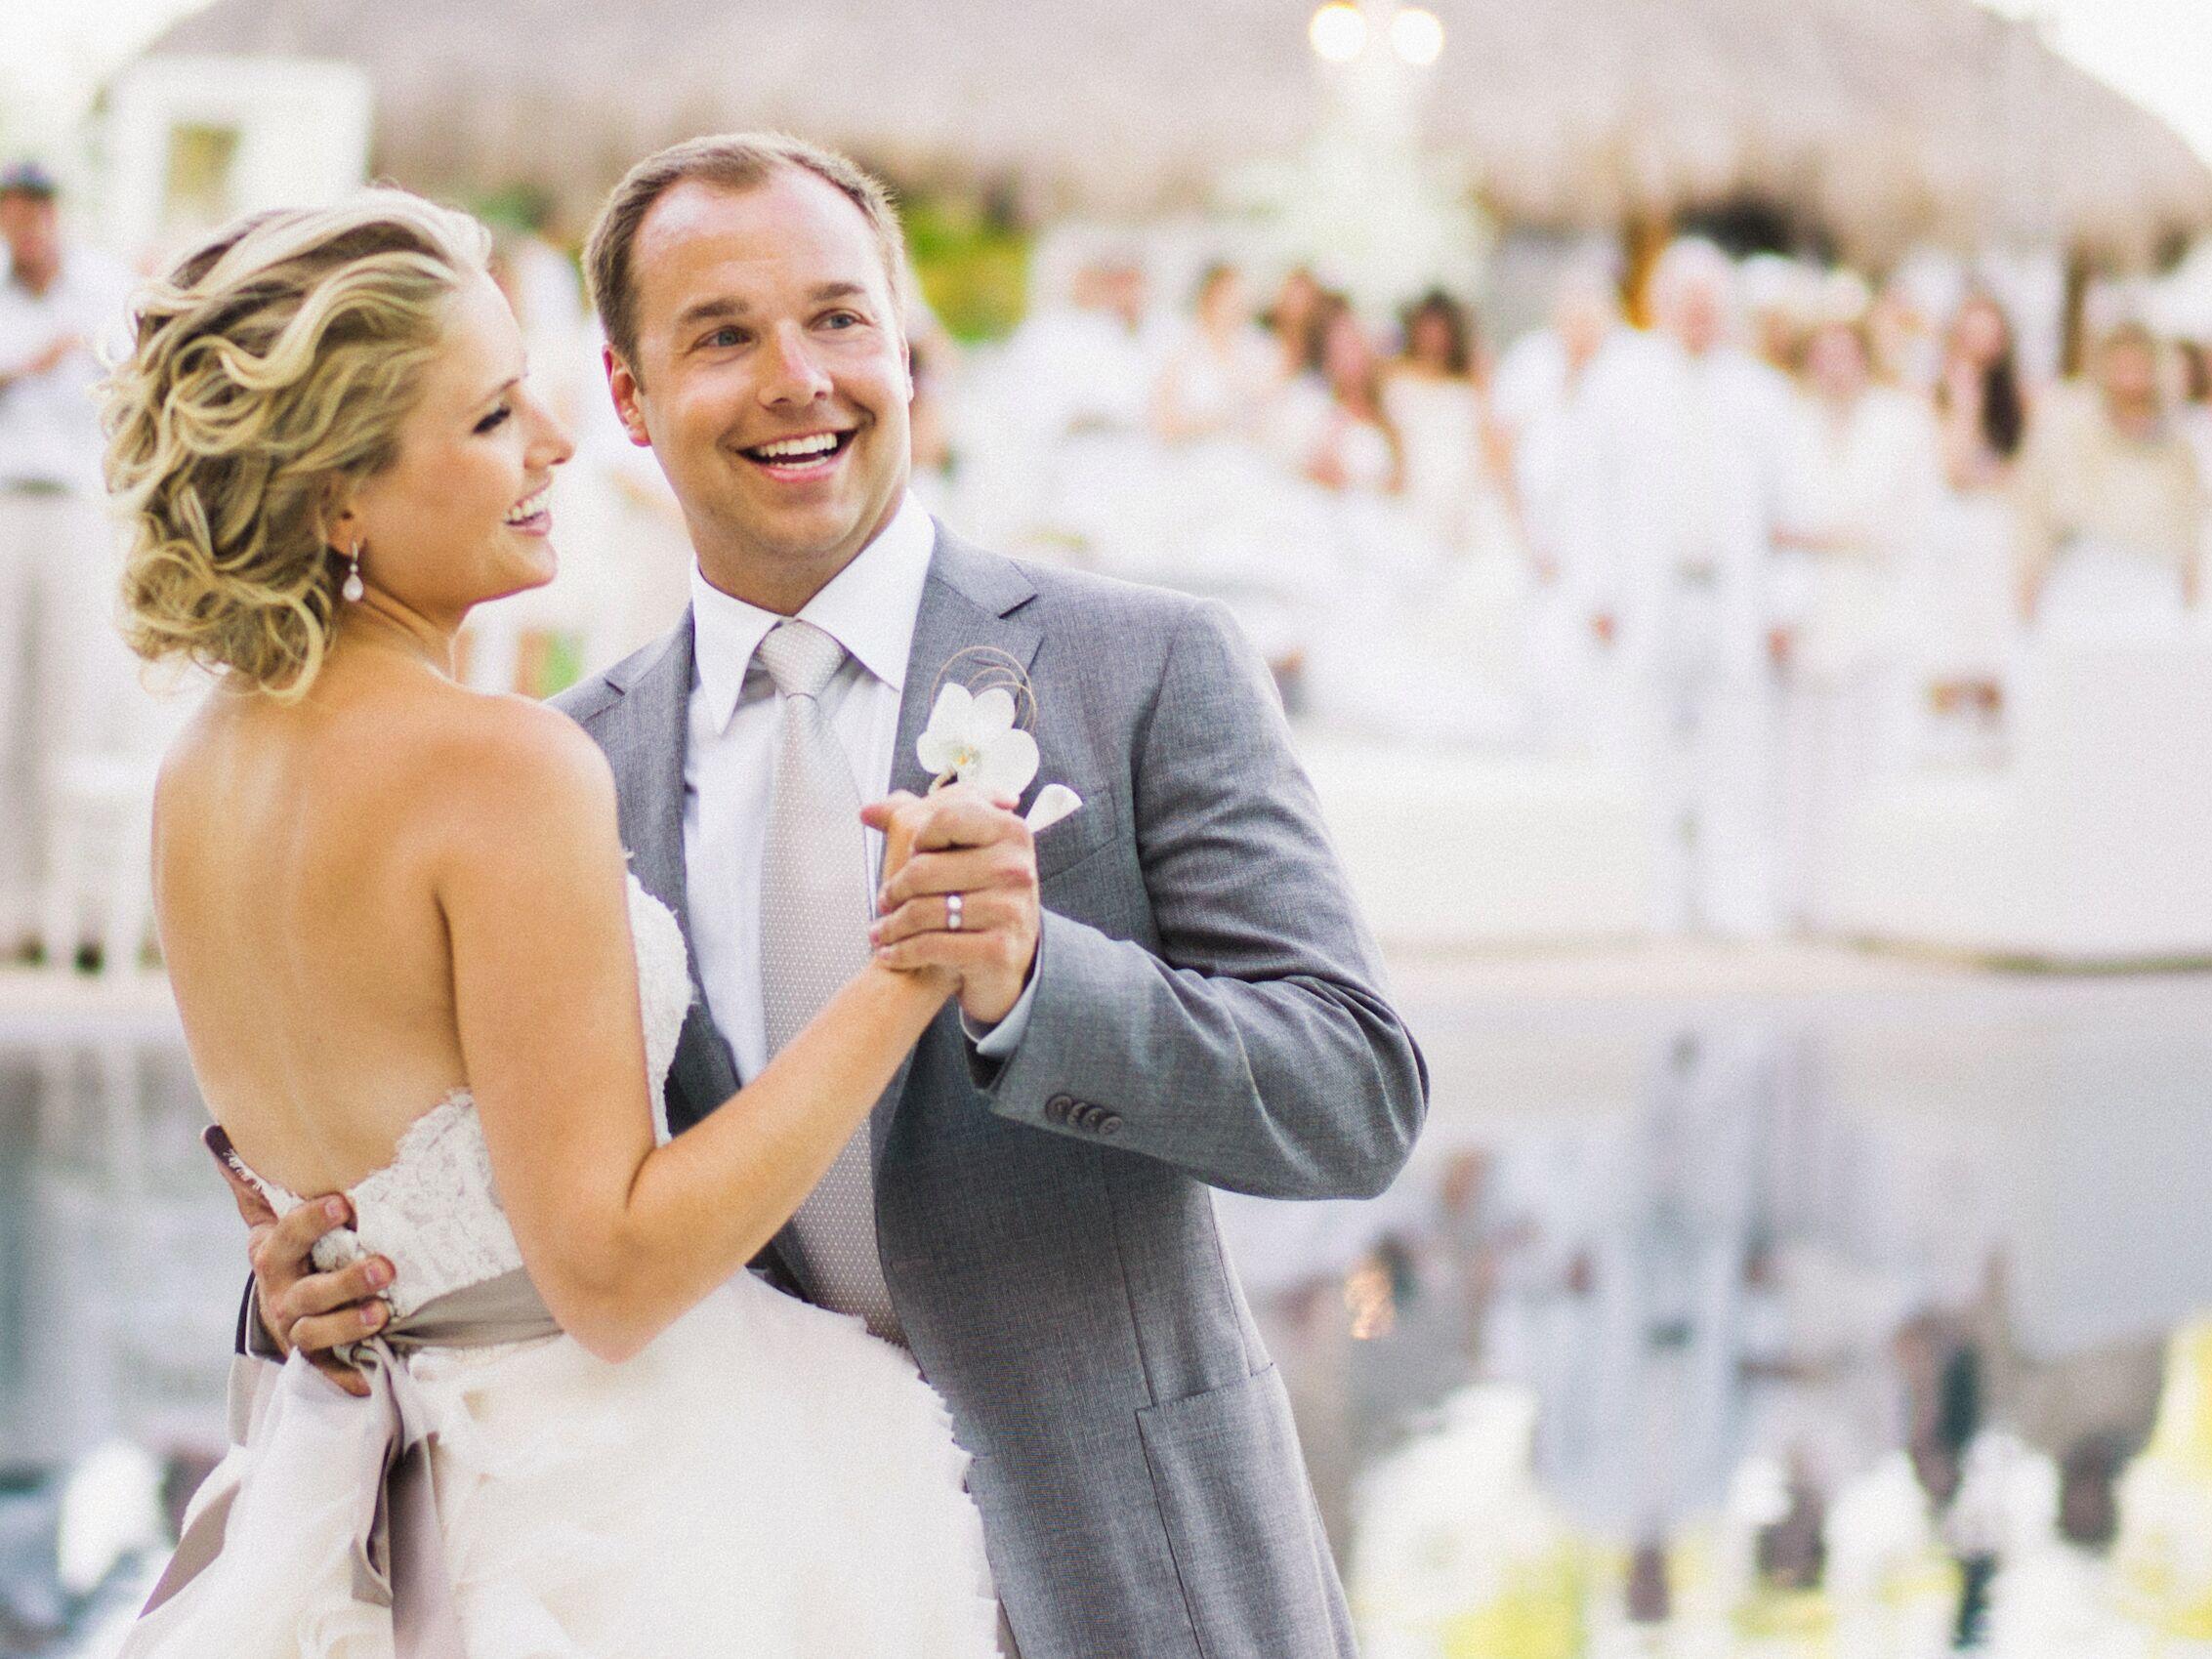 wedding reception music: 54 beach wedding songs - wedding